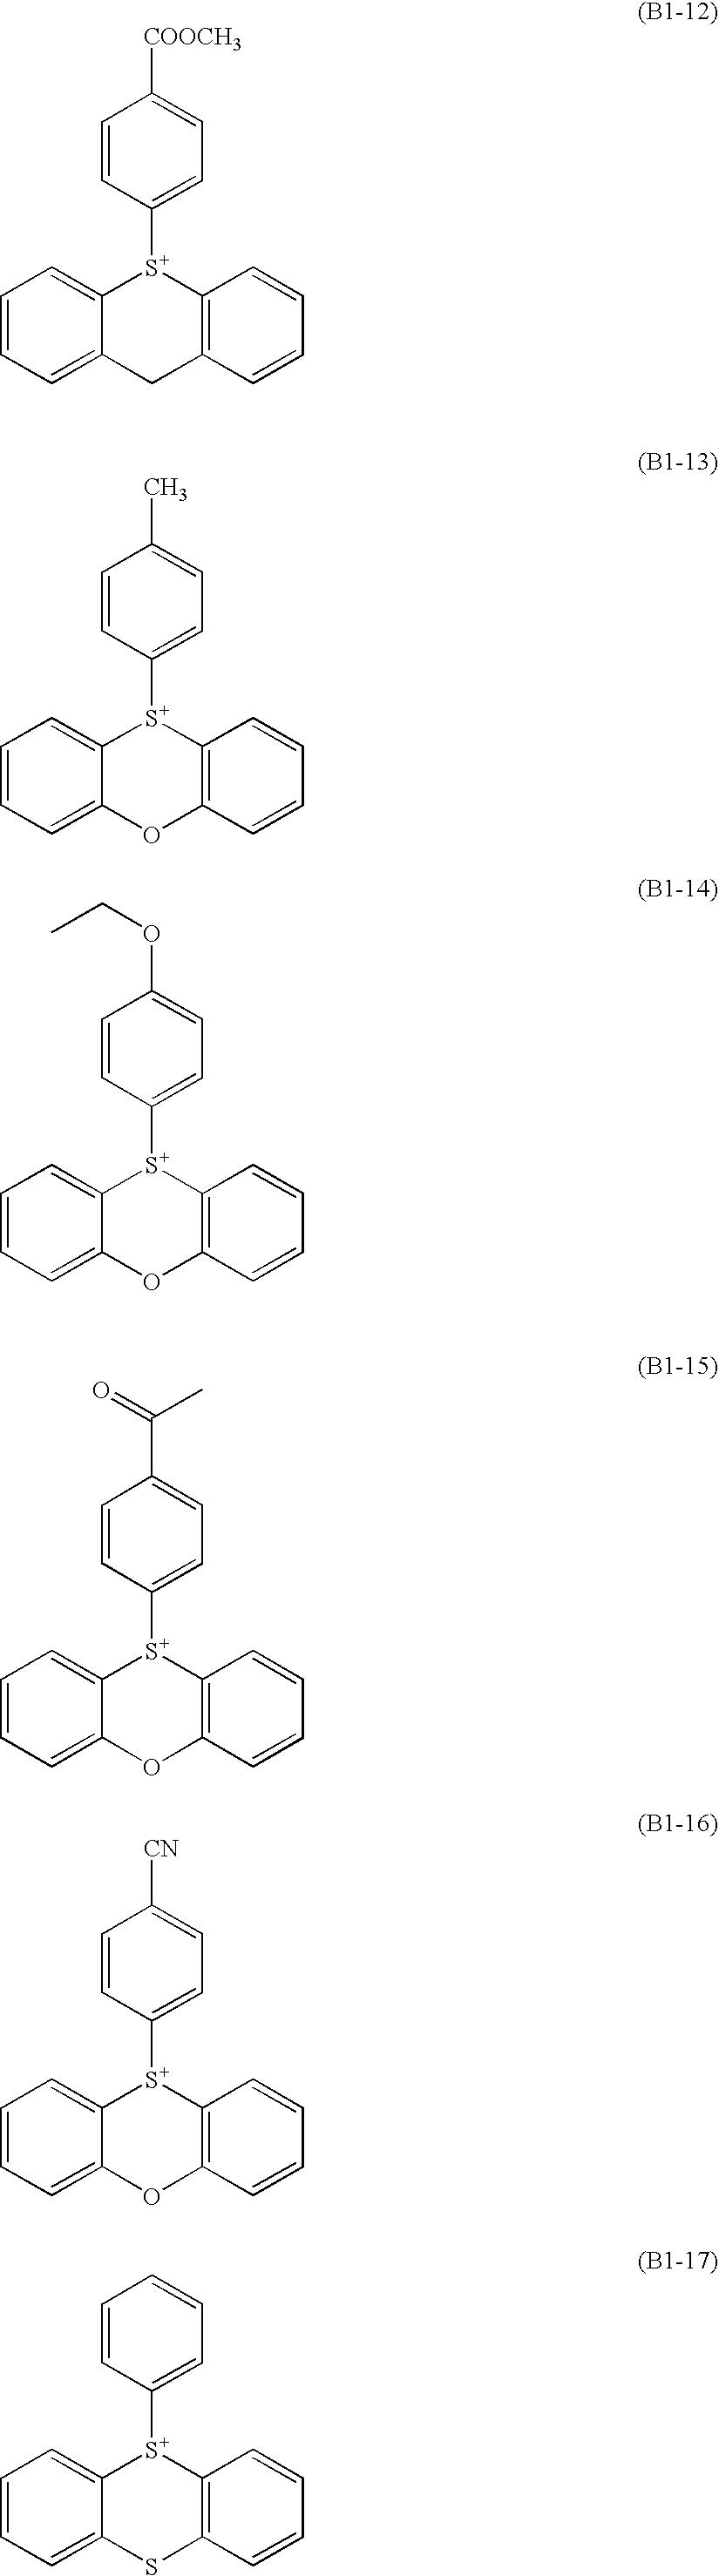 Figure US08852845-20141007-C00012